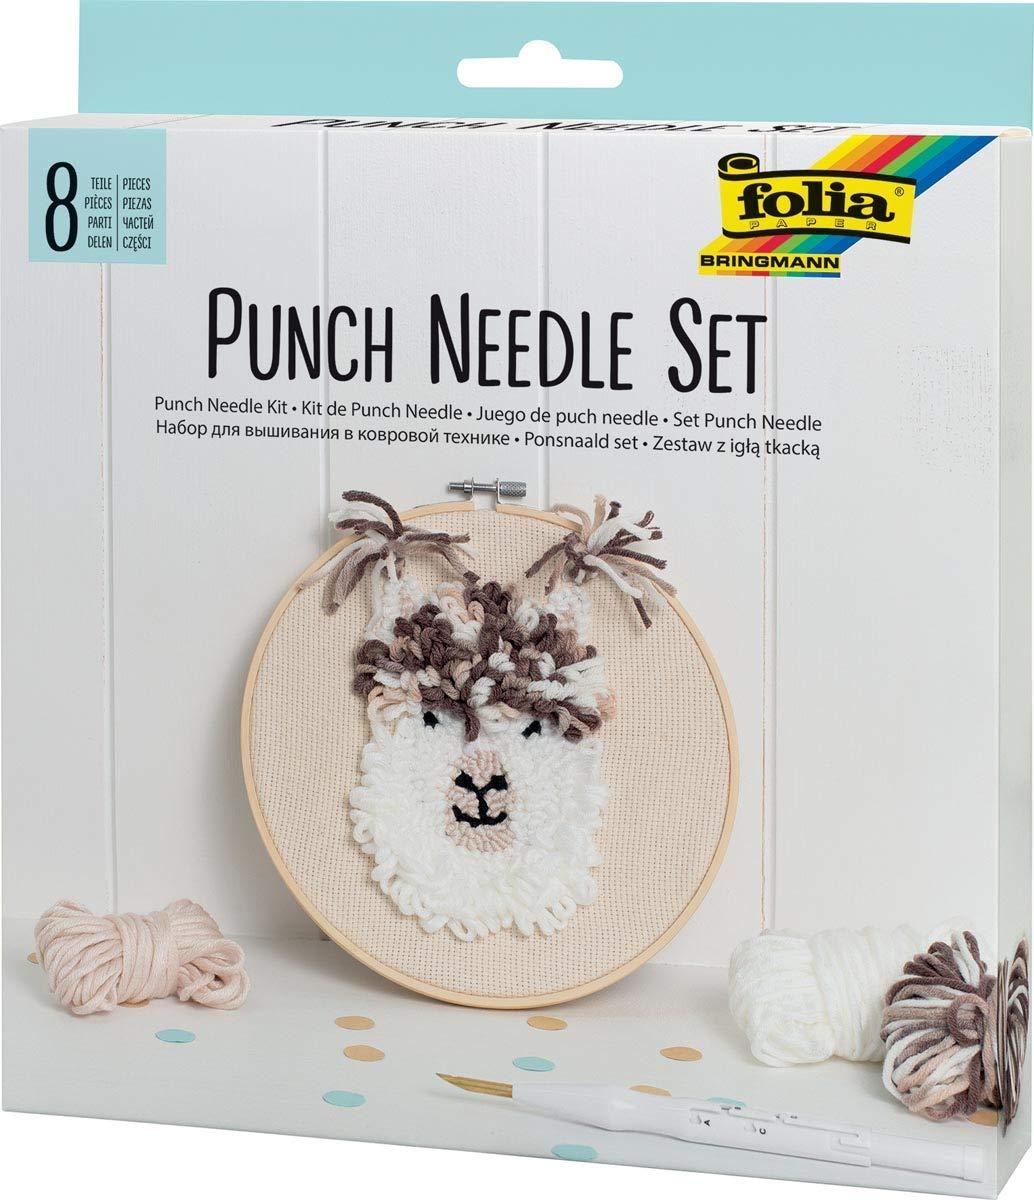 folia Punch Needle Set 8 Teile inkl. Punch Nadel 23411